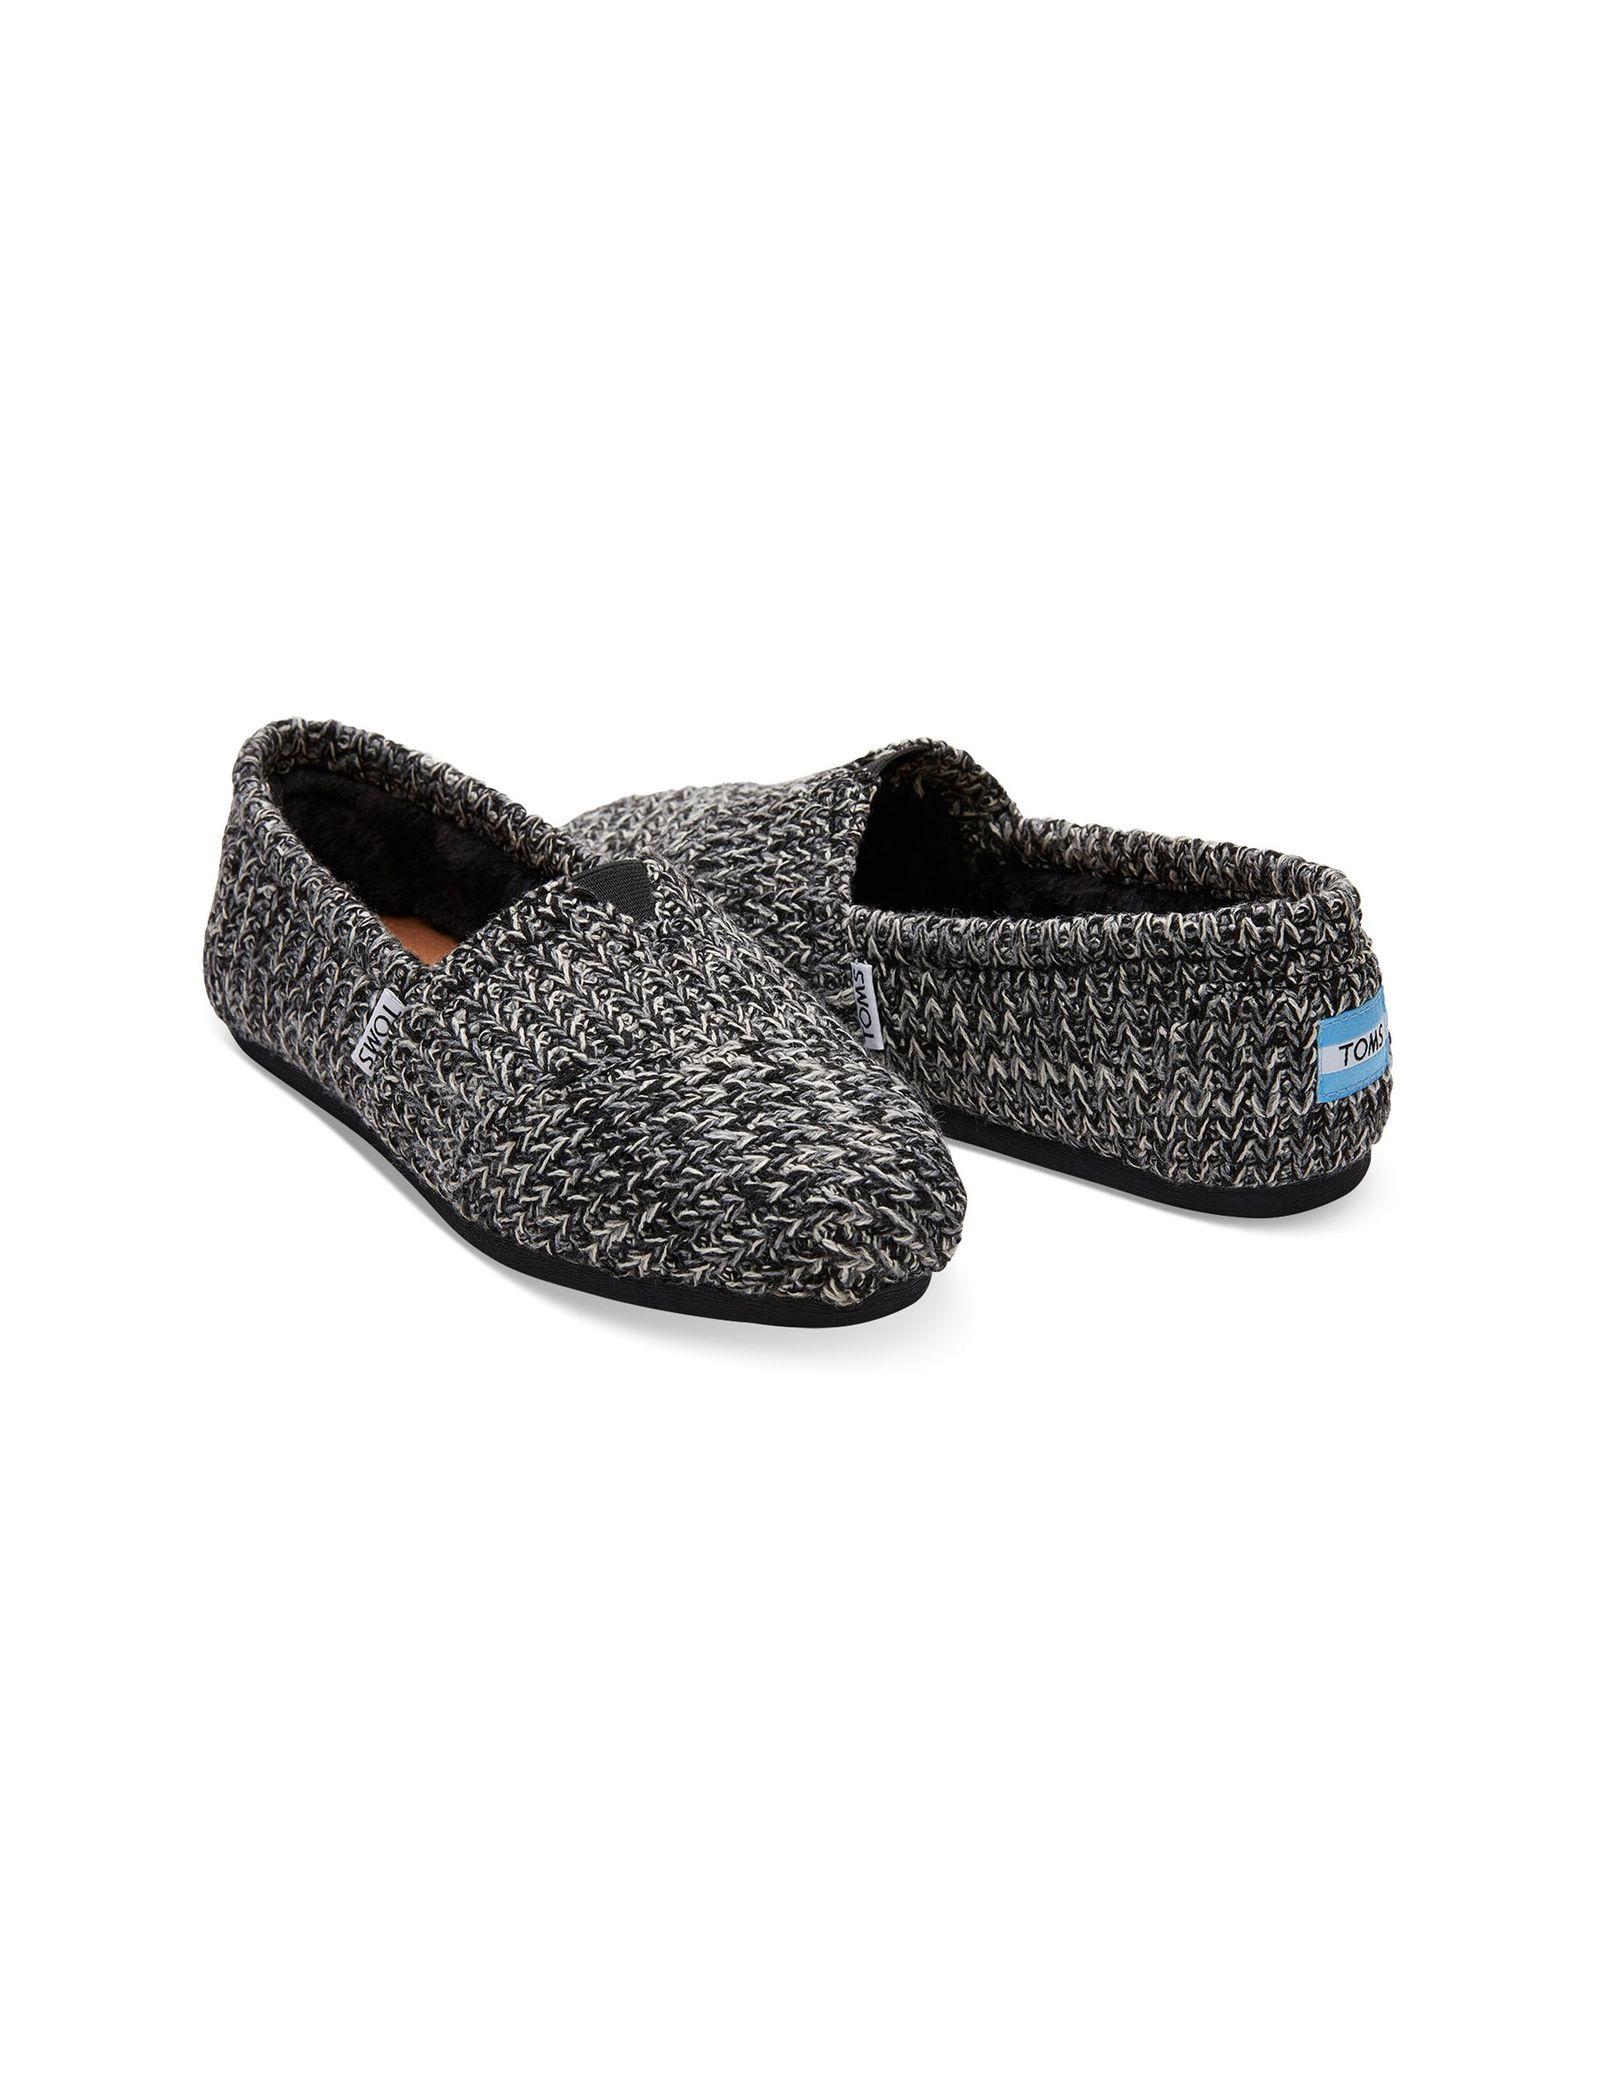 کفش تخت بافتنی زنانه - تامز - مشکي - 2